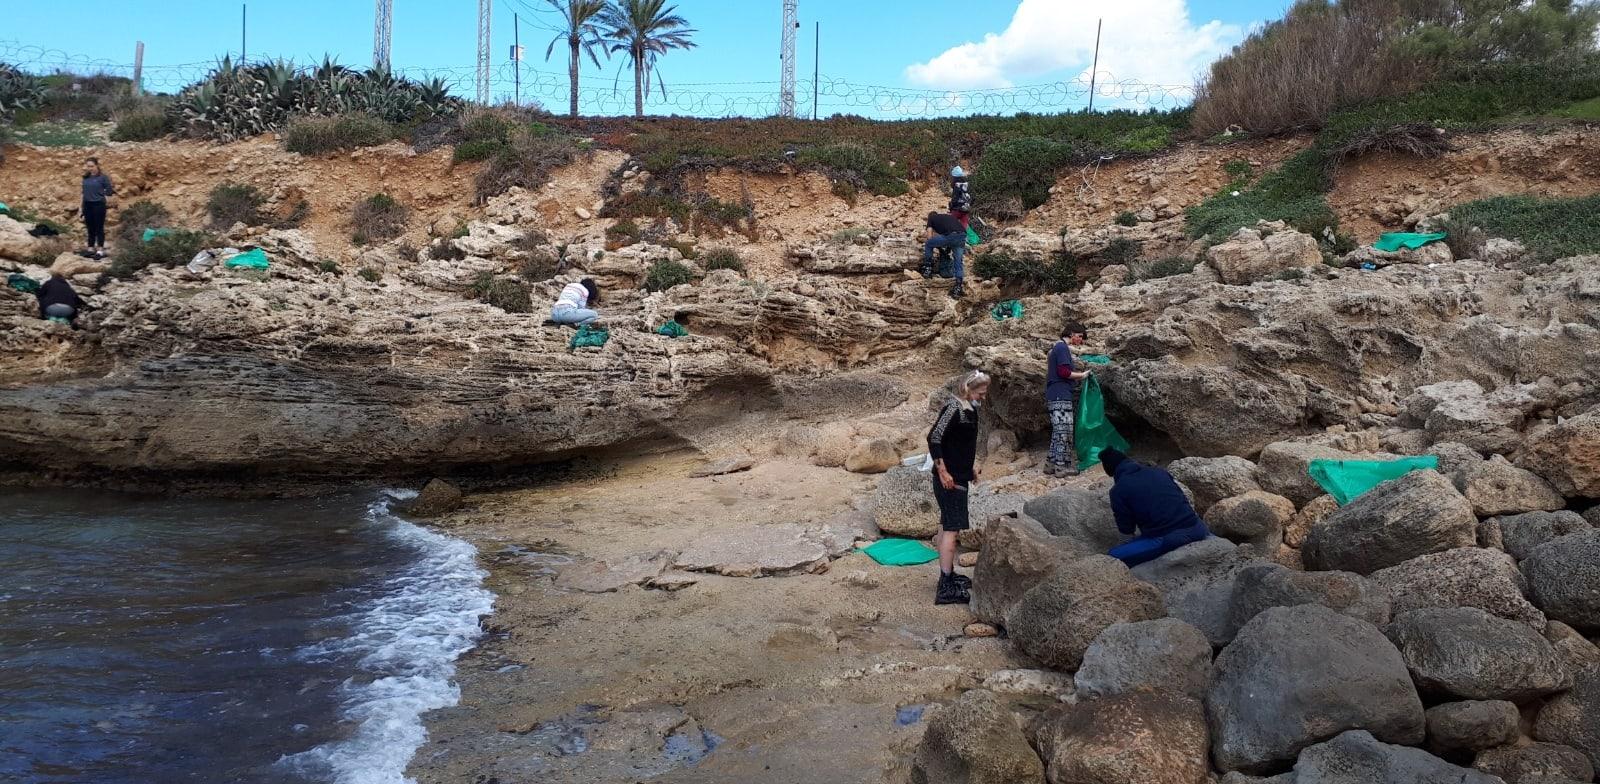 מתנדבים בחוף החותרים / צילום: איגוד ערים שרון כרמל